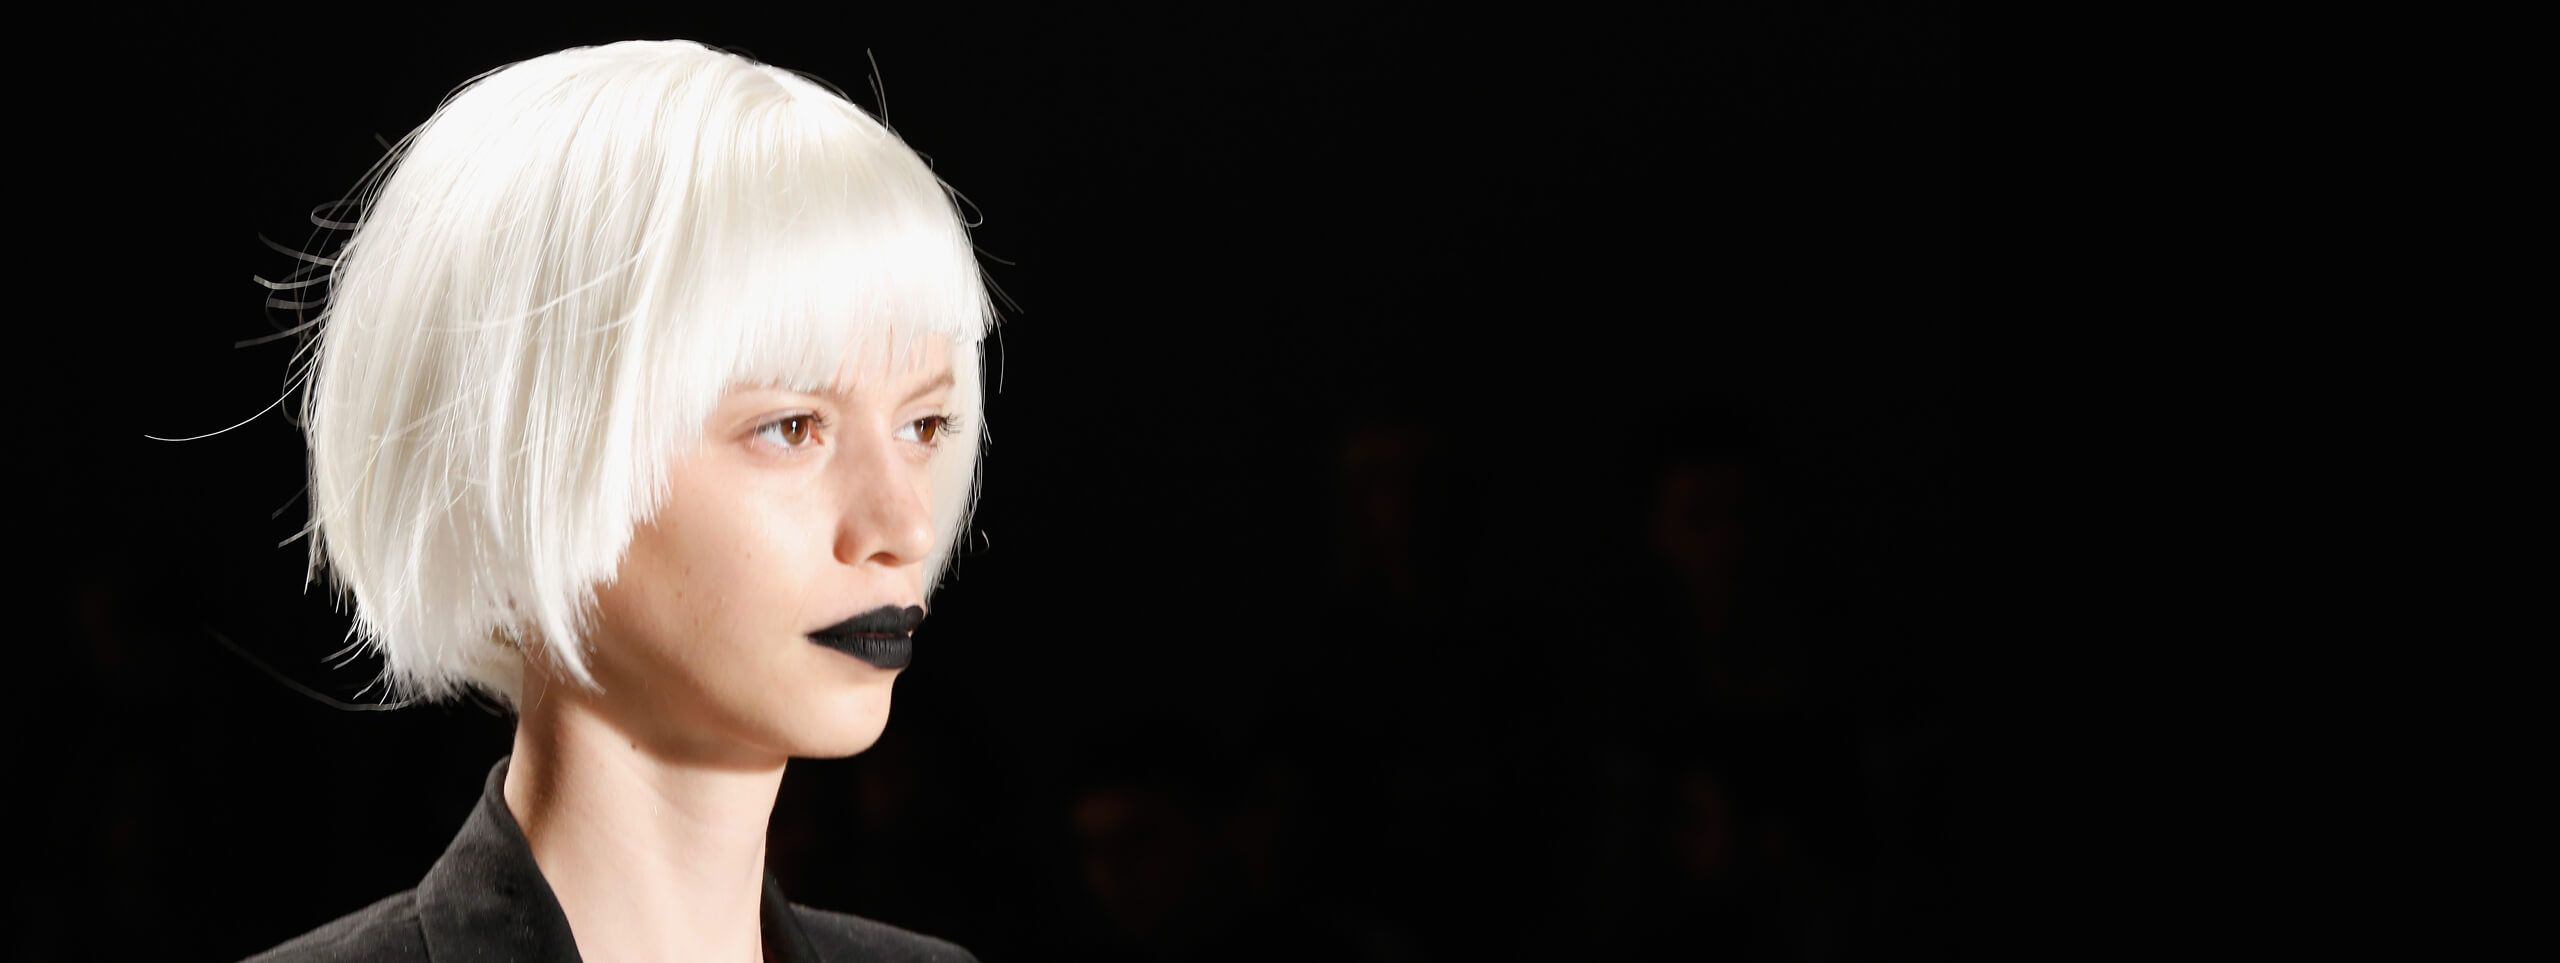 Modelo pelo blanco con peinado bob